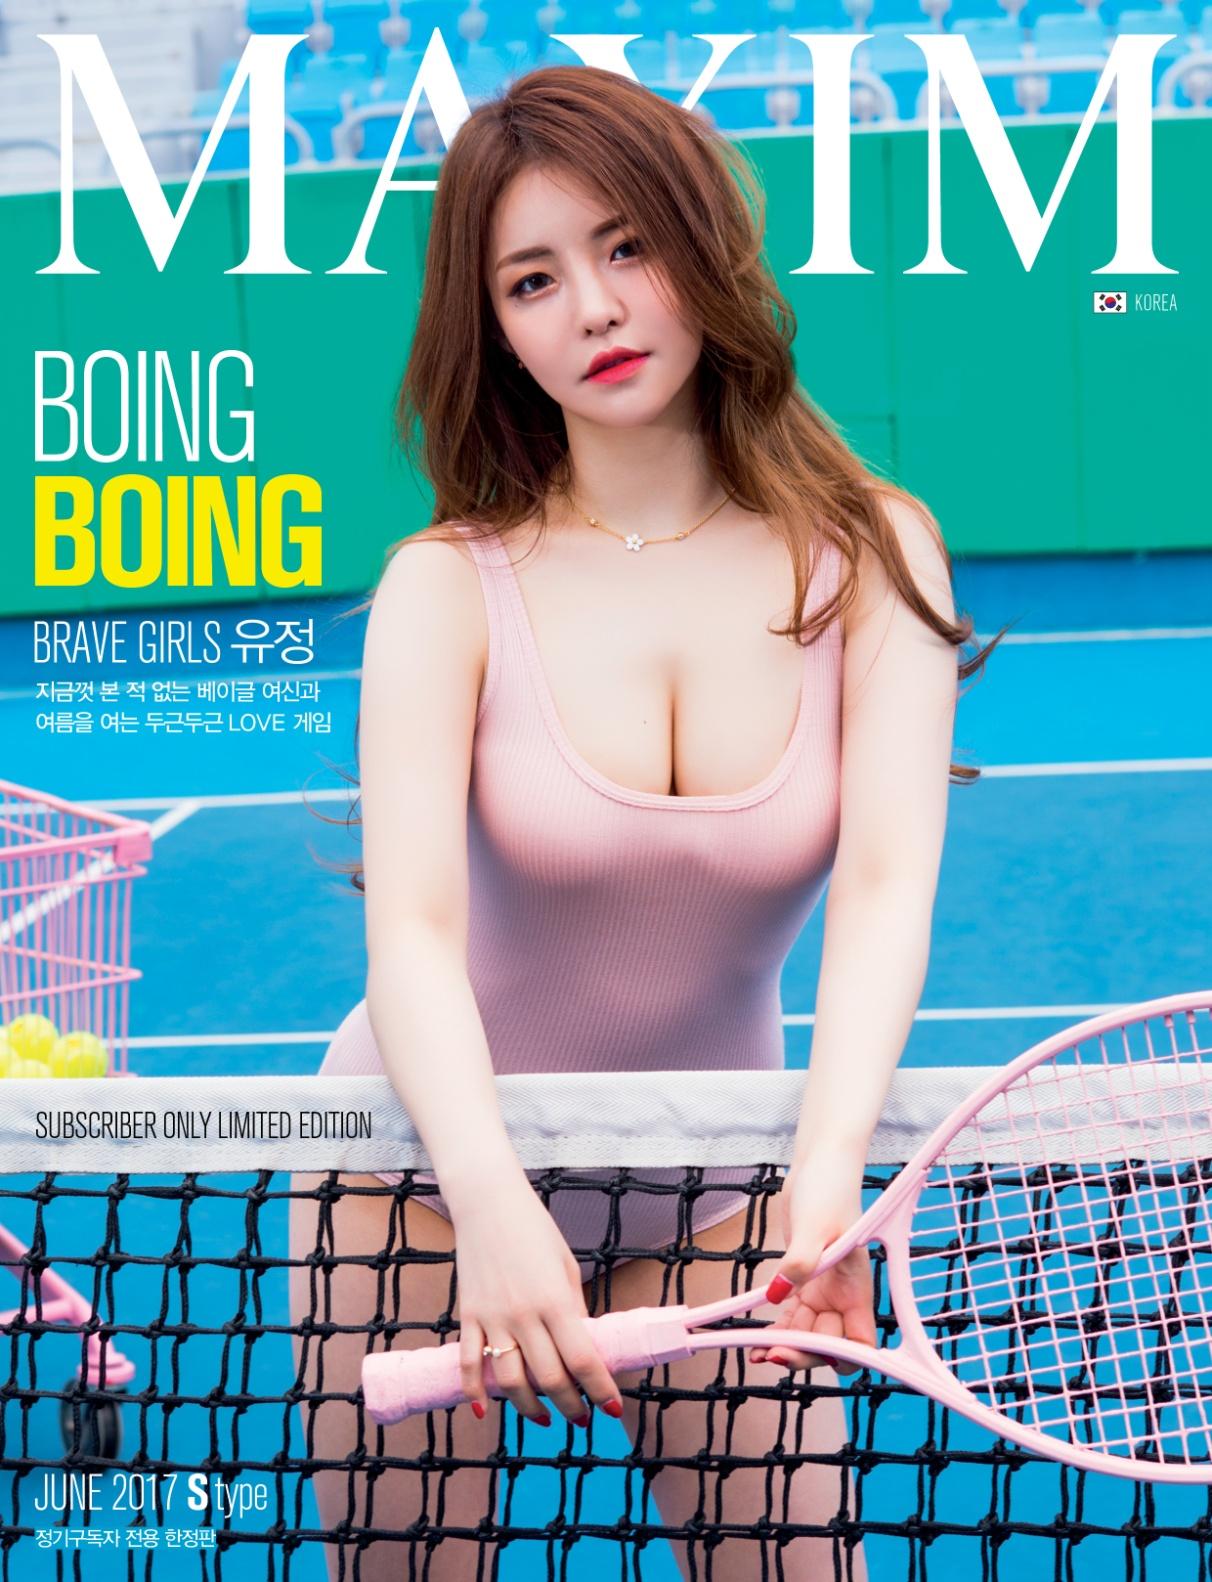 Sao Hàn: Top 8 bộ ảnh sexy nhất Kpop: Mỹ nhân